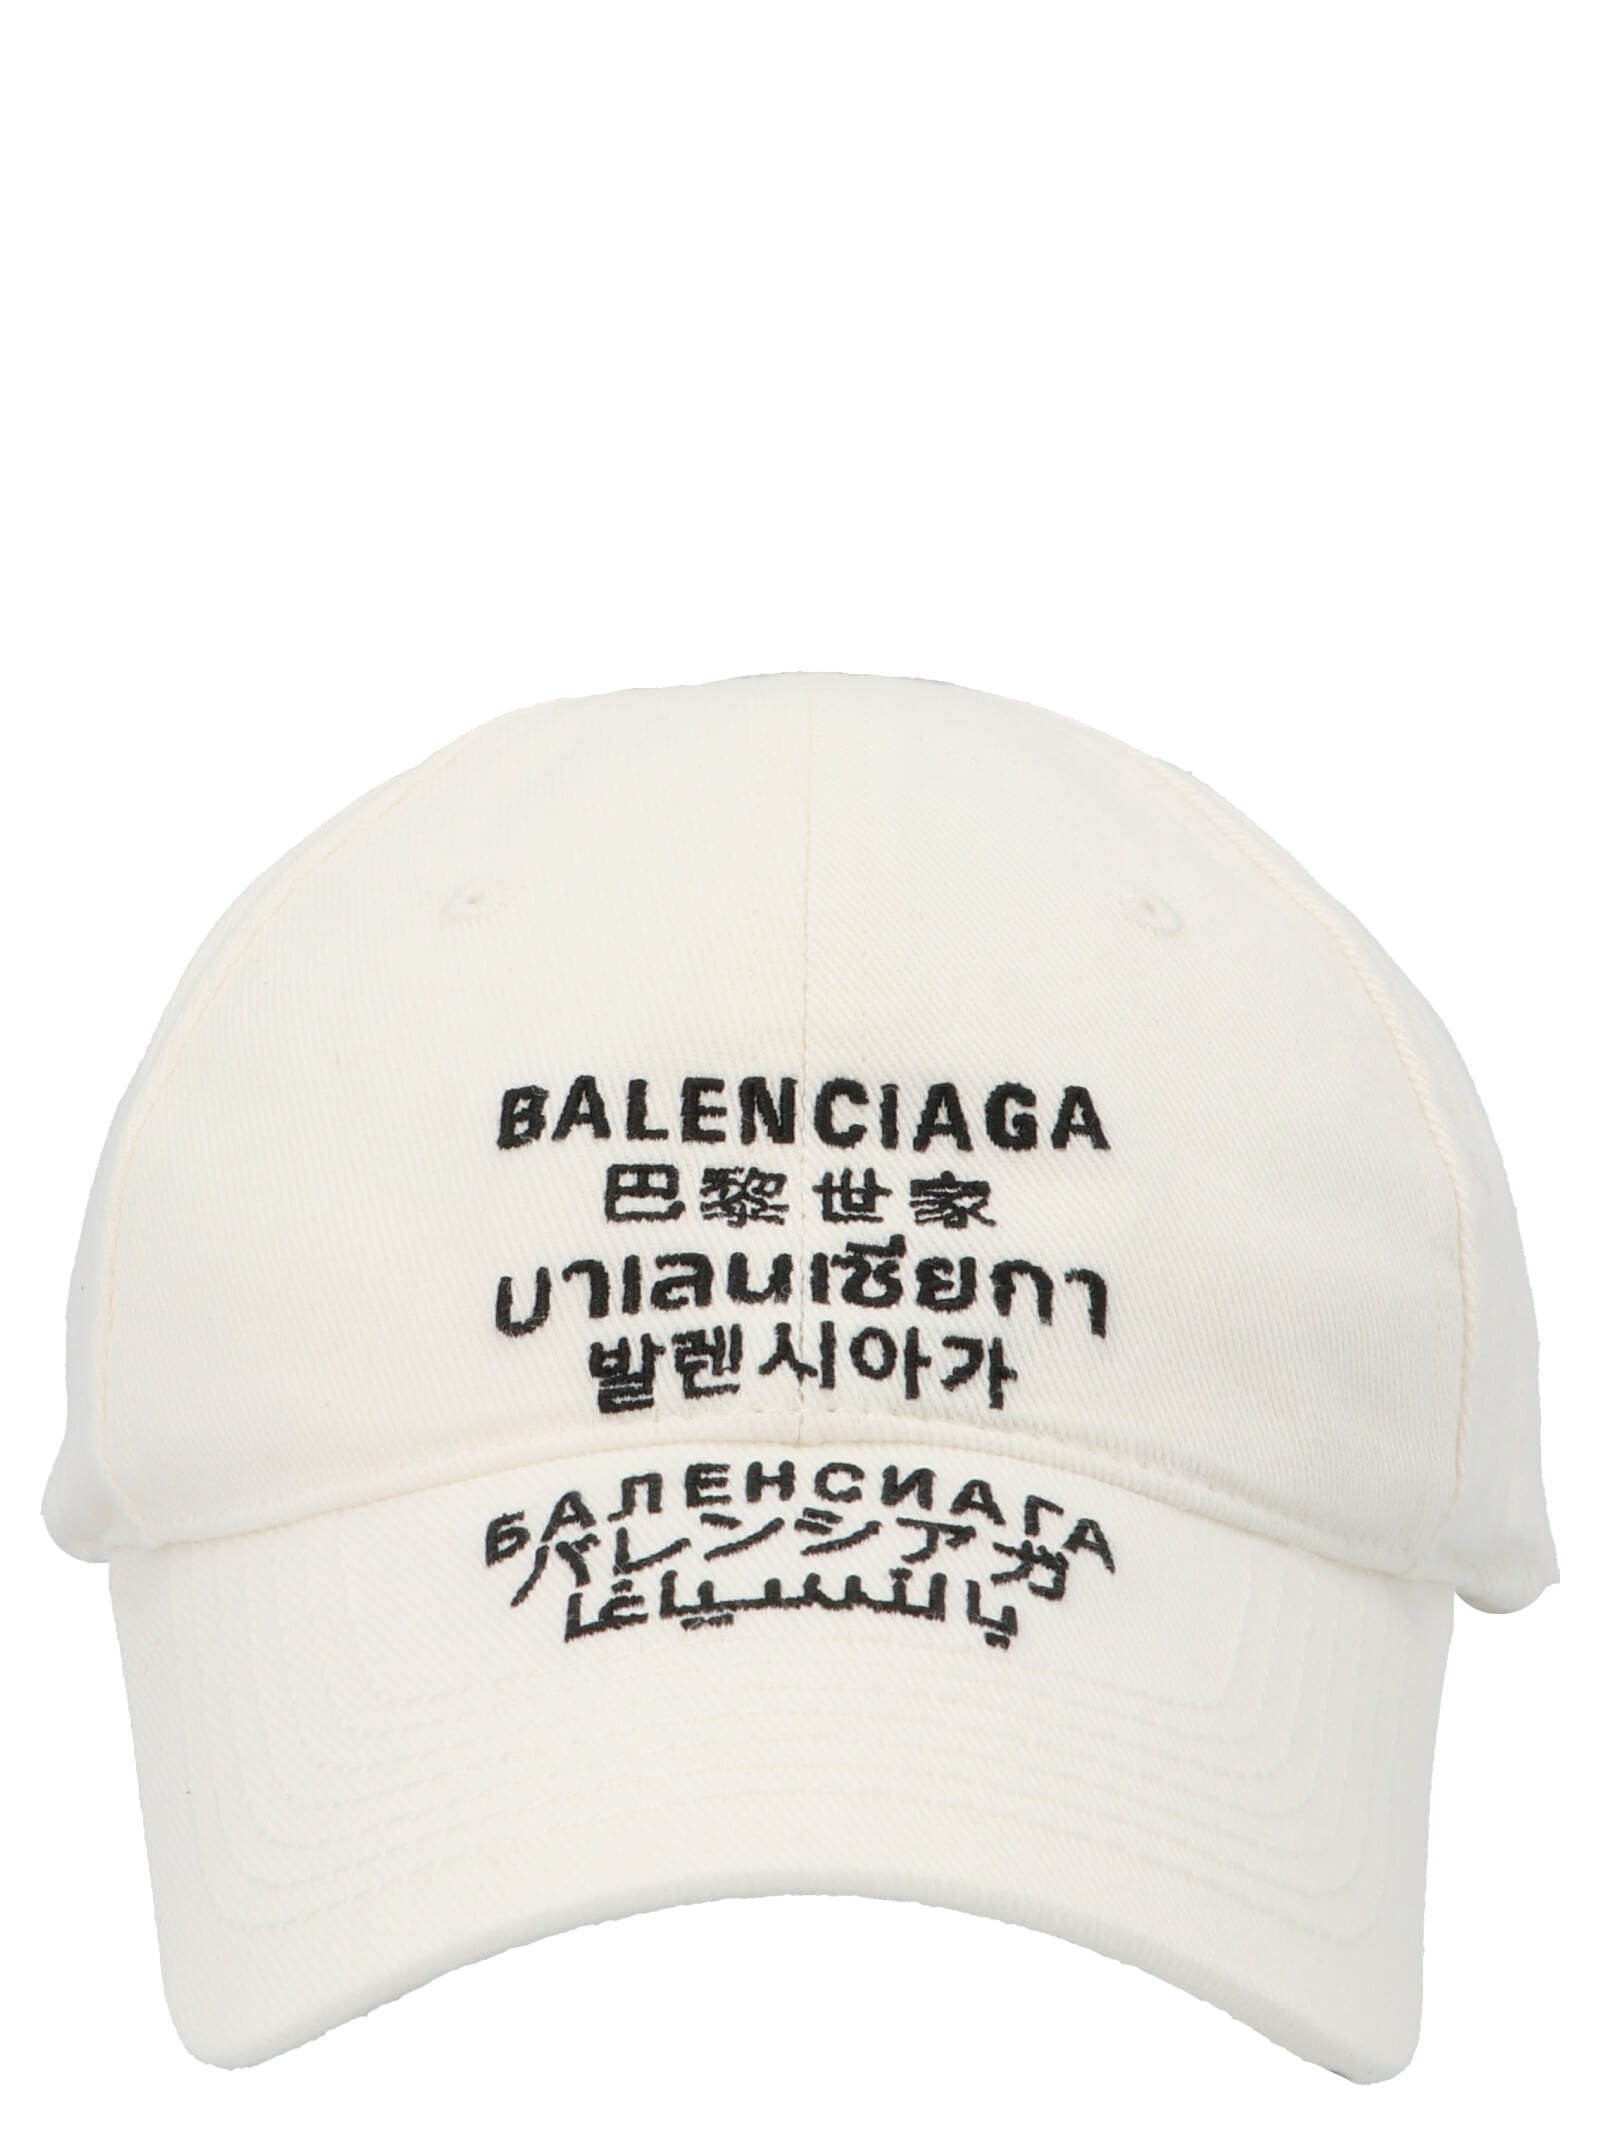 Balenciaga Caps MULTILANGUAGES CAP